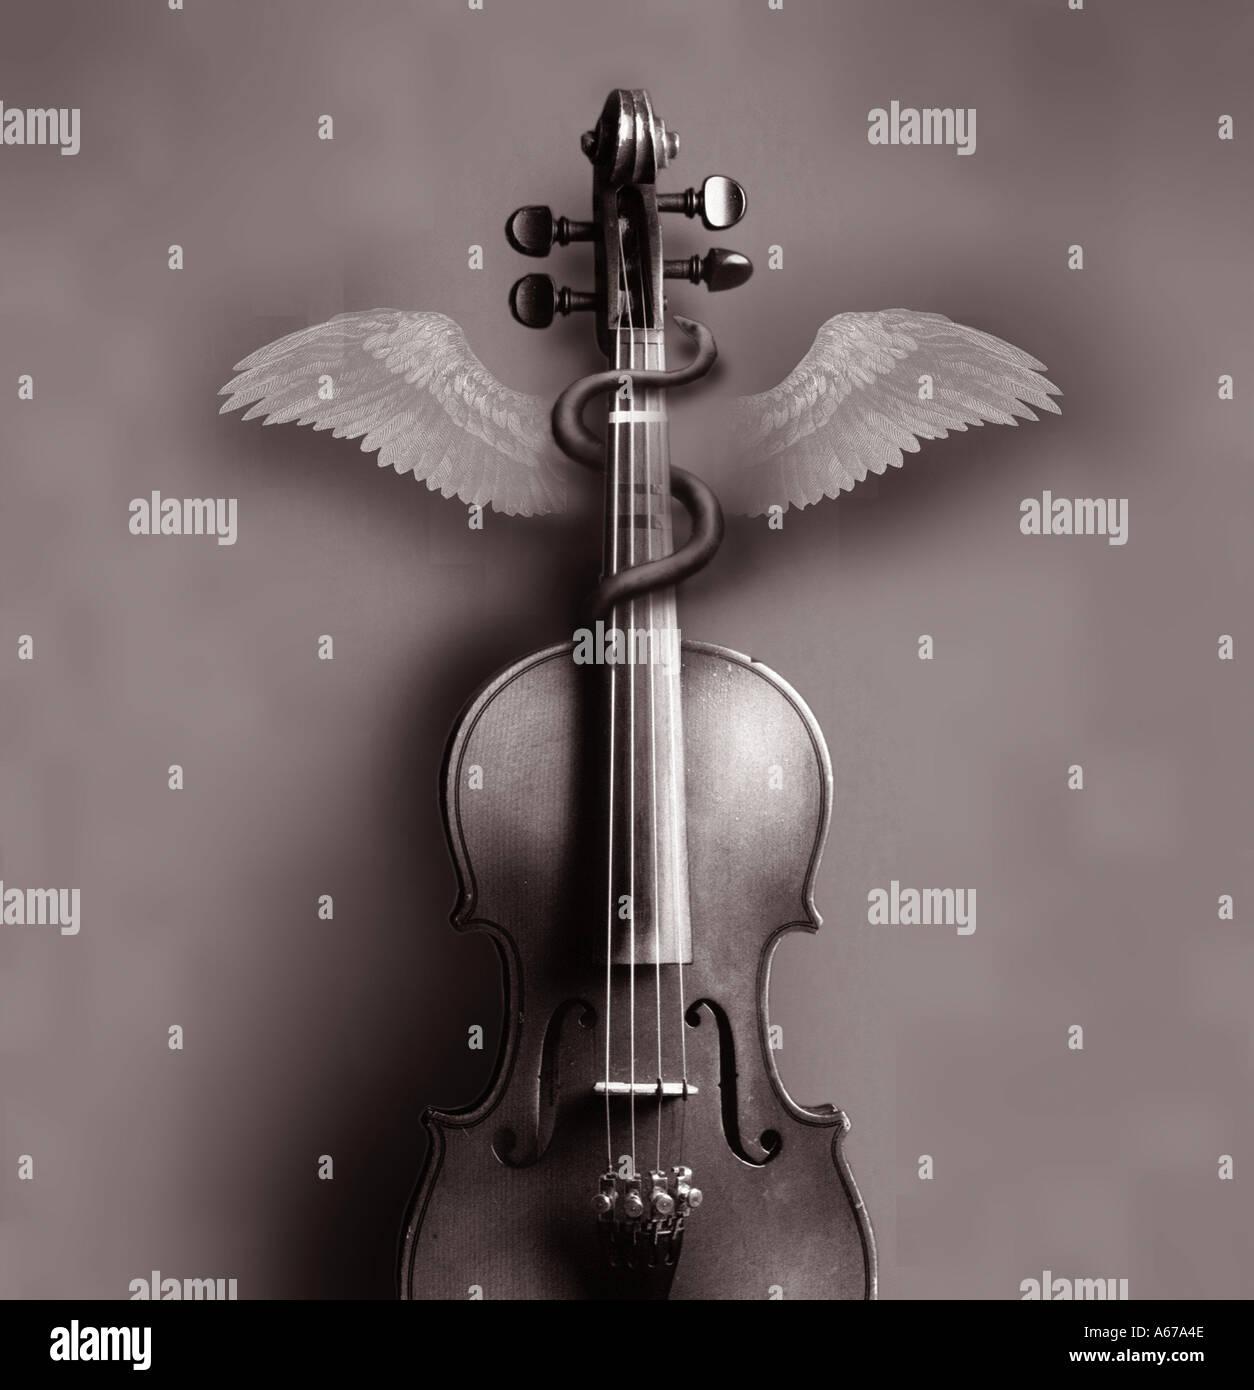 Abbildung-Musik und Medizin-Konzept-Violine und medizinischen symbol Stockbild